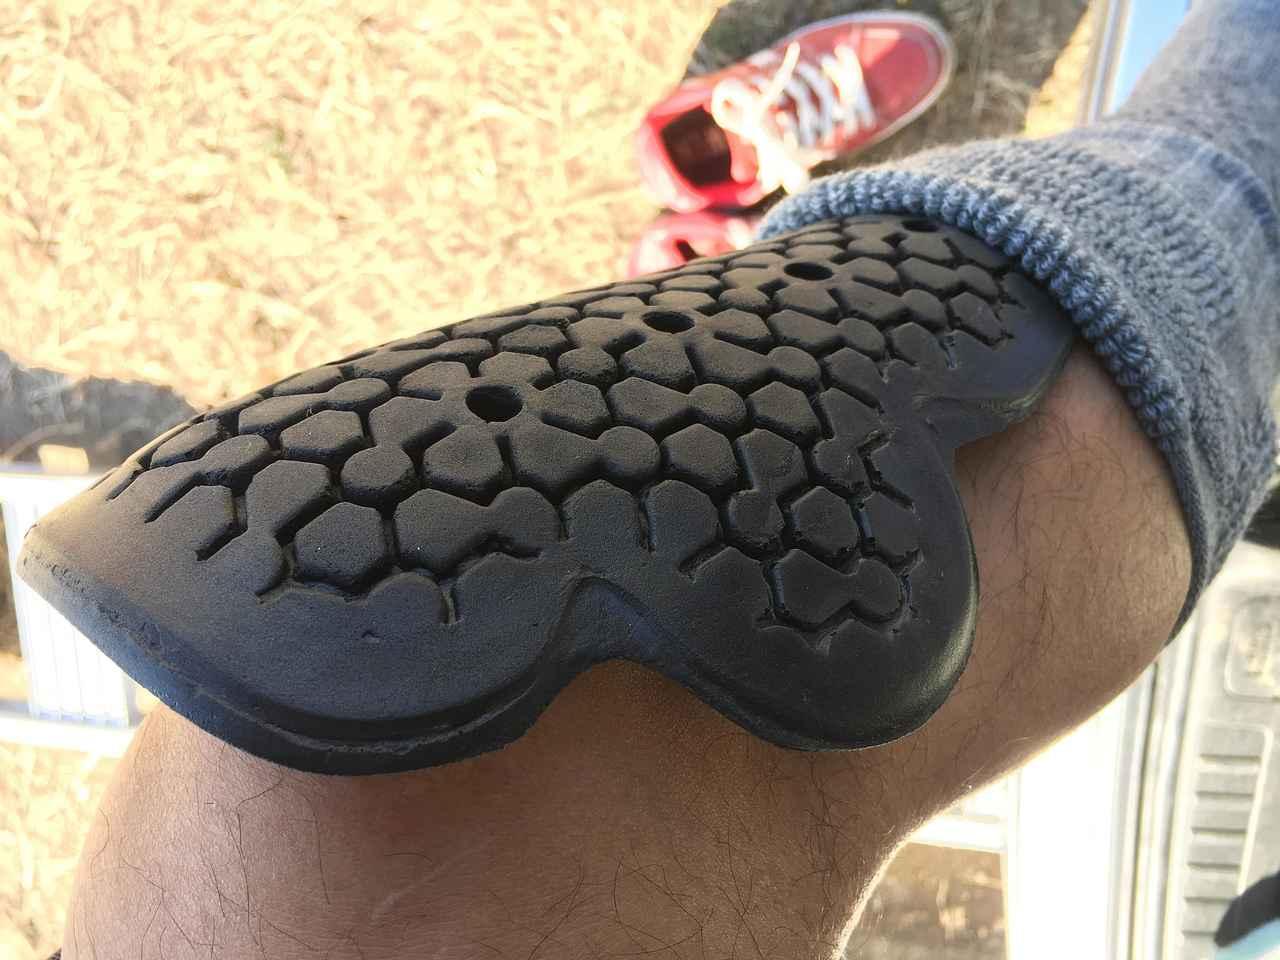 画像: ヒザはソフトパッドが動きやすくて好きなんです 時々は痛い思いしますw